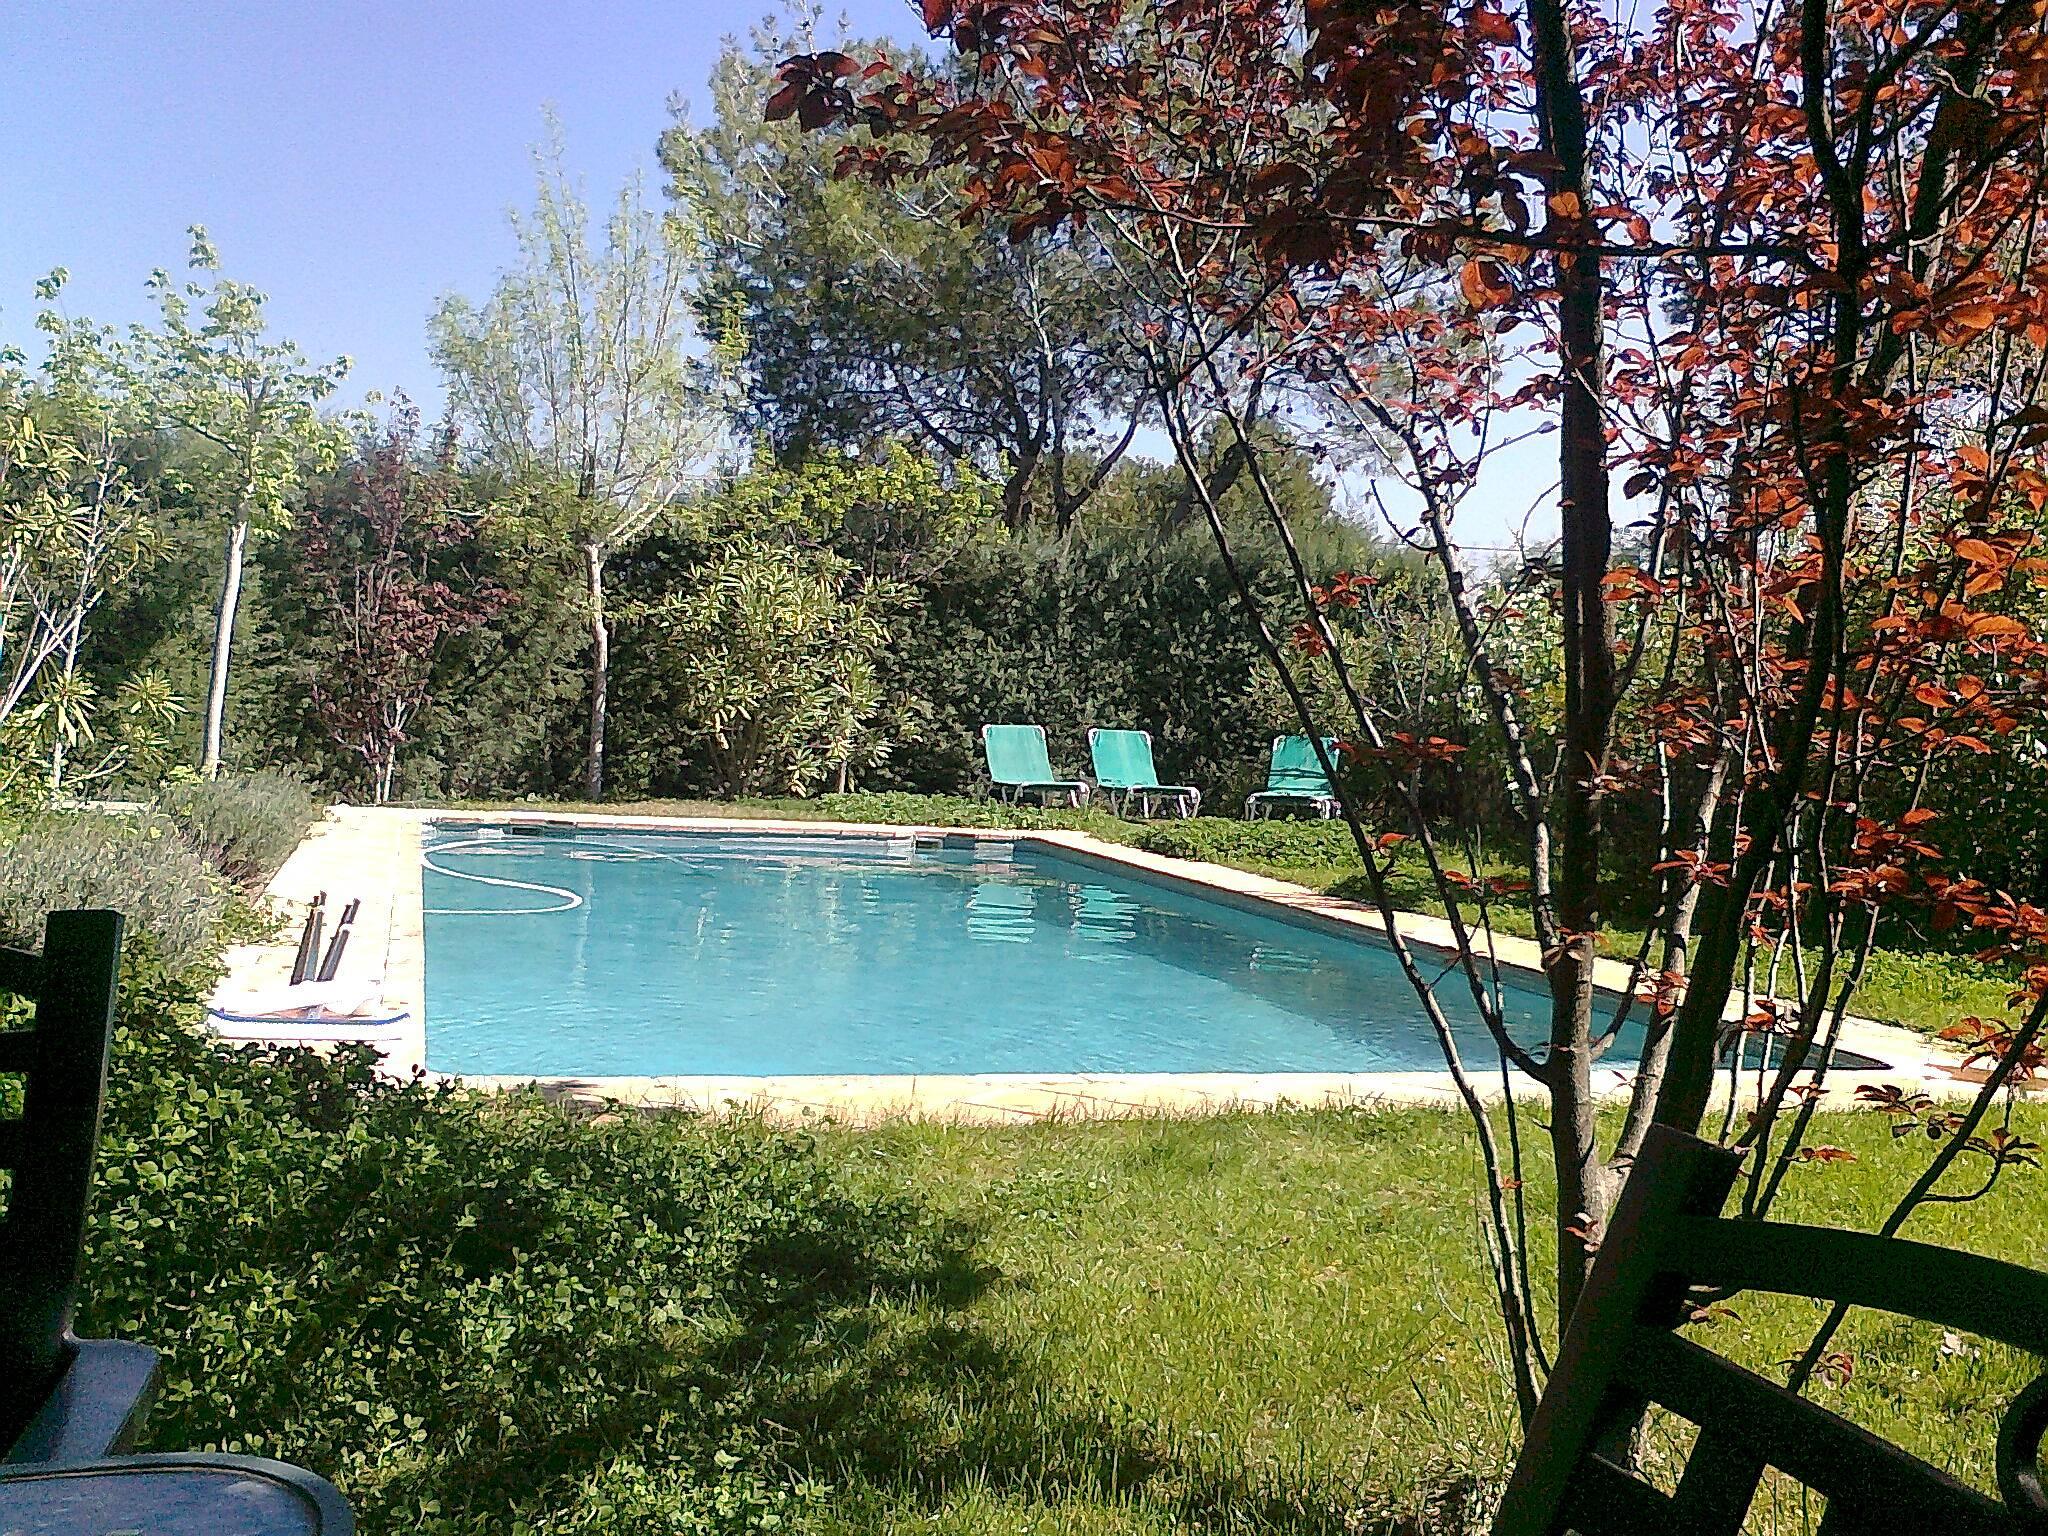 Villa con piscina privada en urb el bosque el bosque - Piscina villaviciosa de odon ...